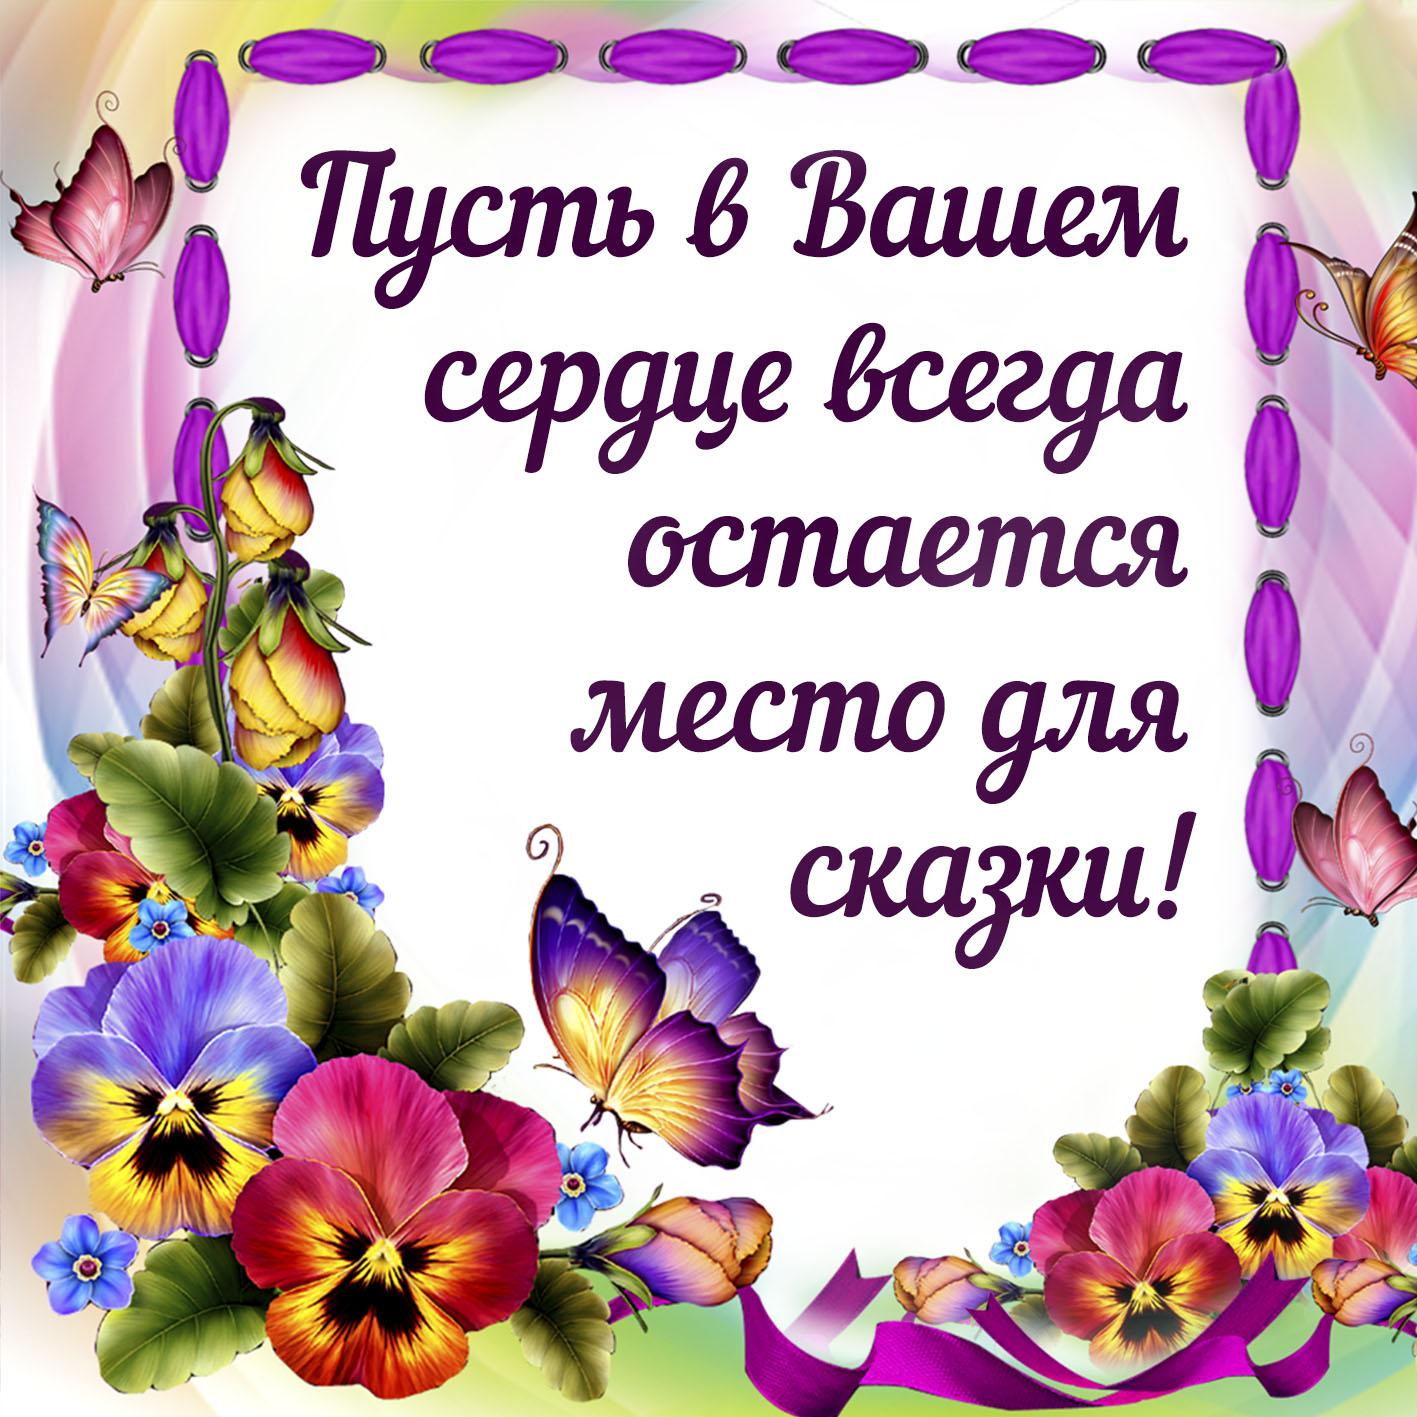 Открытка - пожелание в рамке из бабочек и цветов